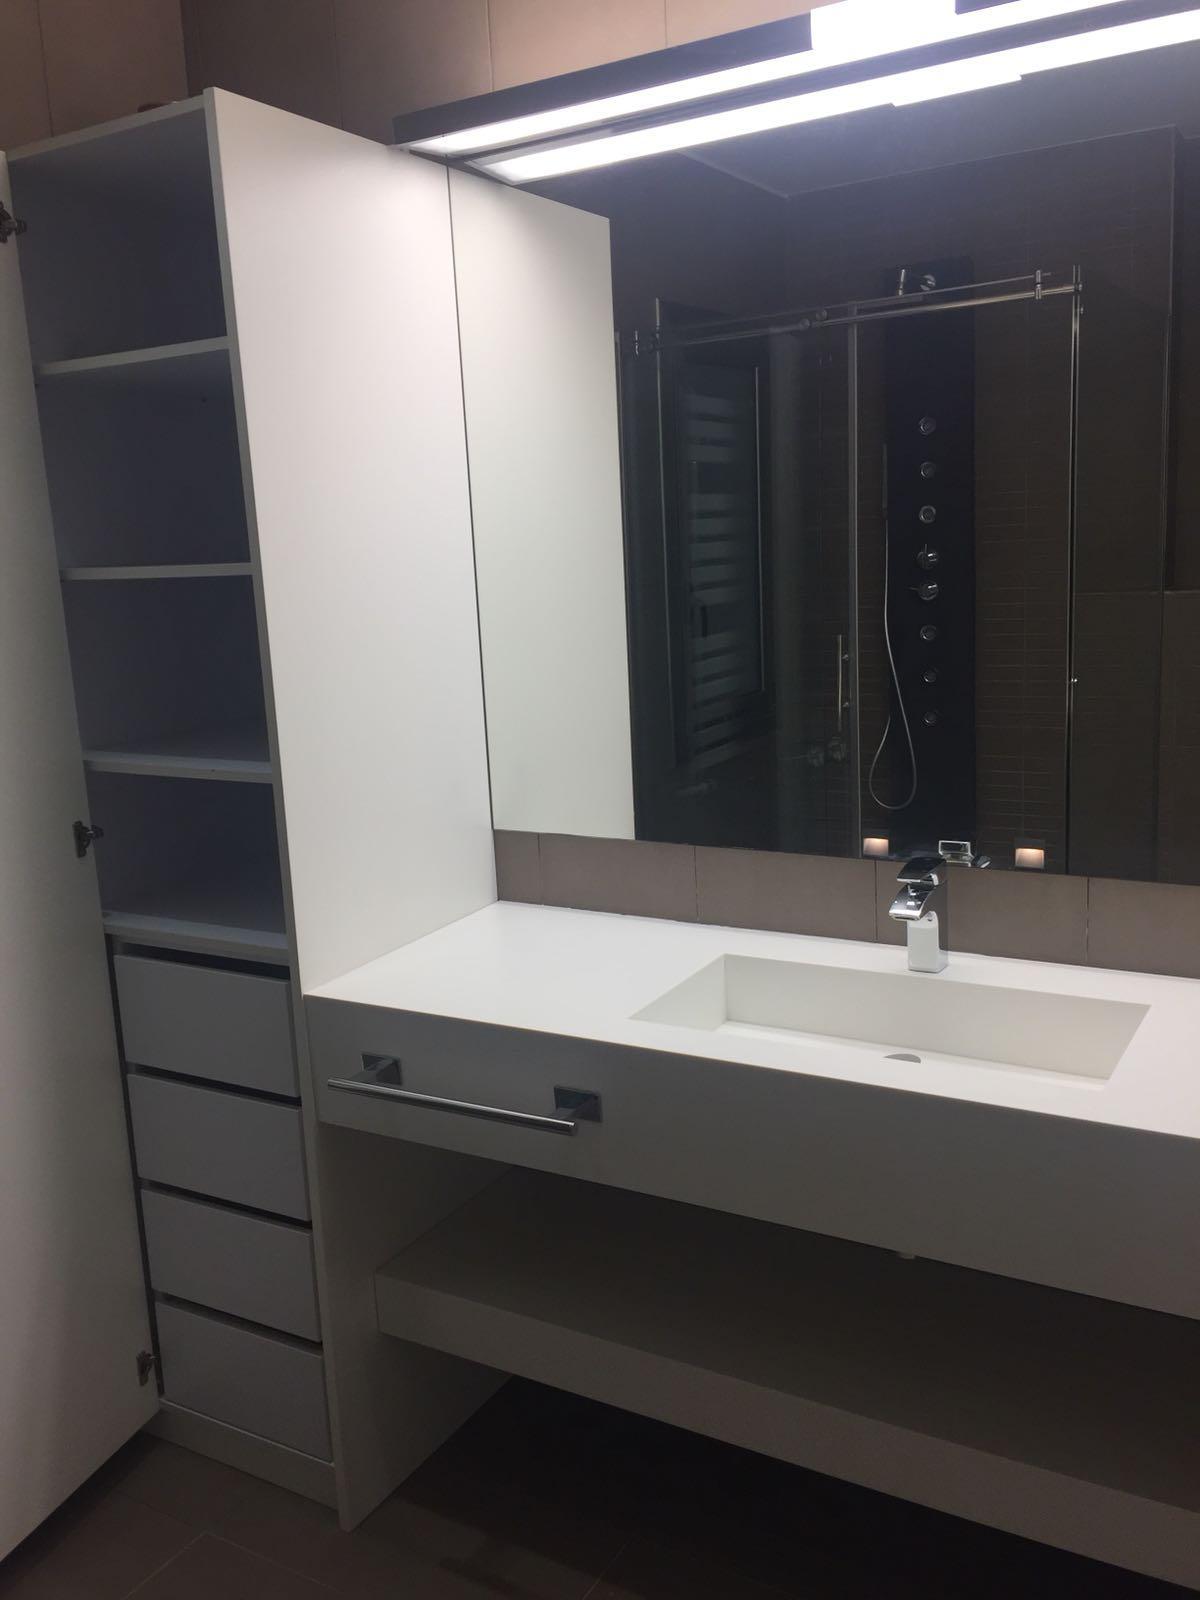 206249 Apartamento en venta en Eixample, Nova Esquerra Eixample 16